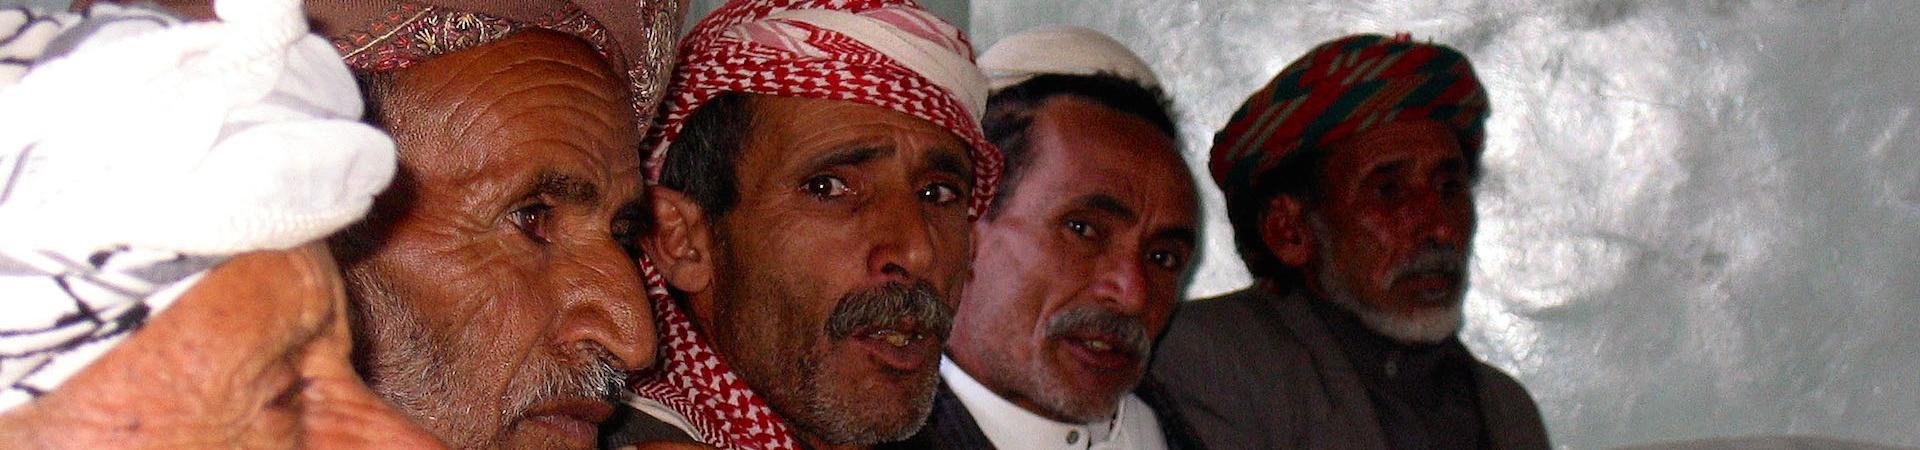 North Yemen, men chewing kath.